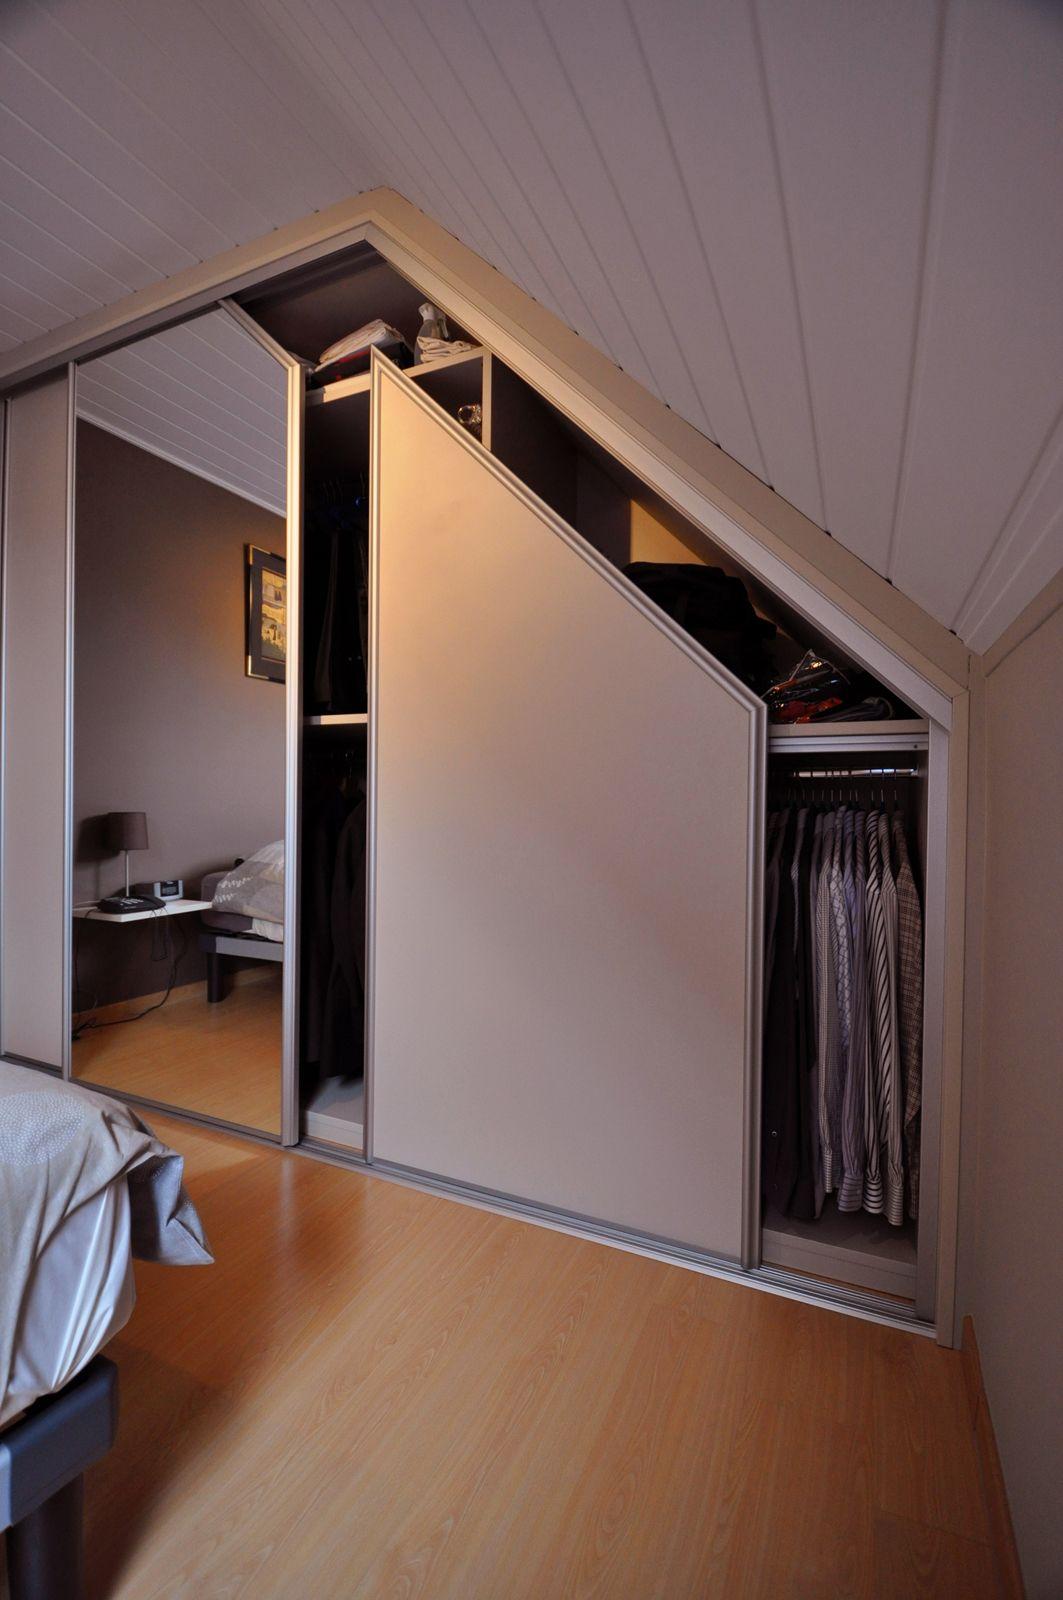 Maatkast onder schuin dak met schuifdeuren | badkamer/dressing ...